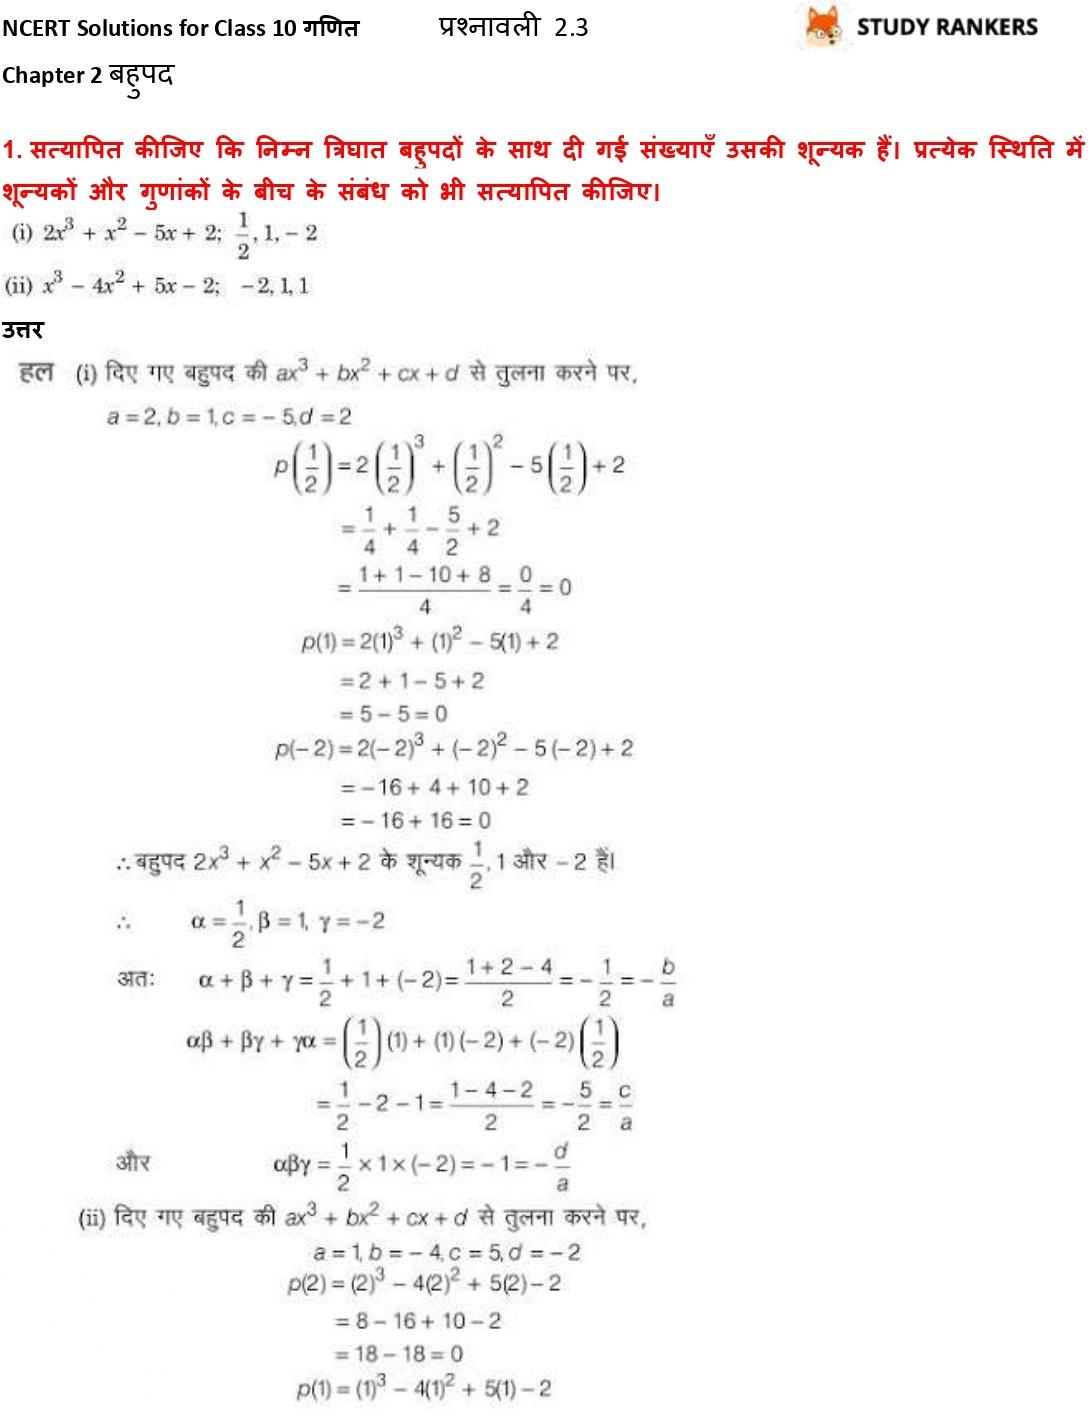 NCERT Solutions for Class 10 Maths Chapter 2 बहुपद प्रश्नावली 2.3 Part 1